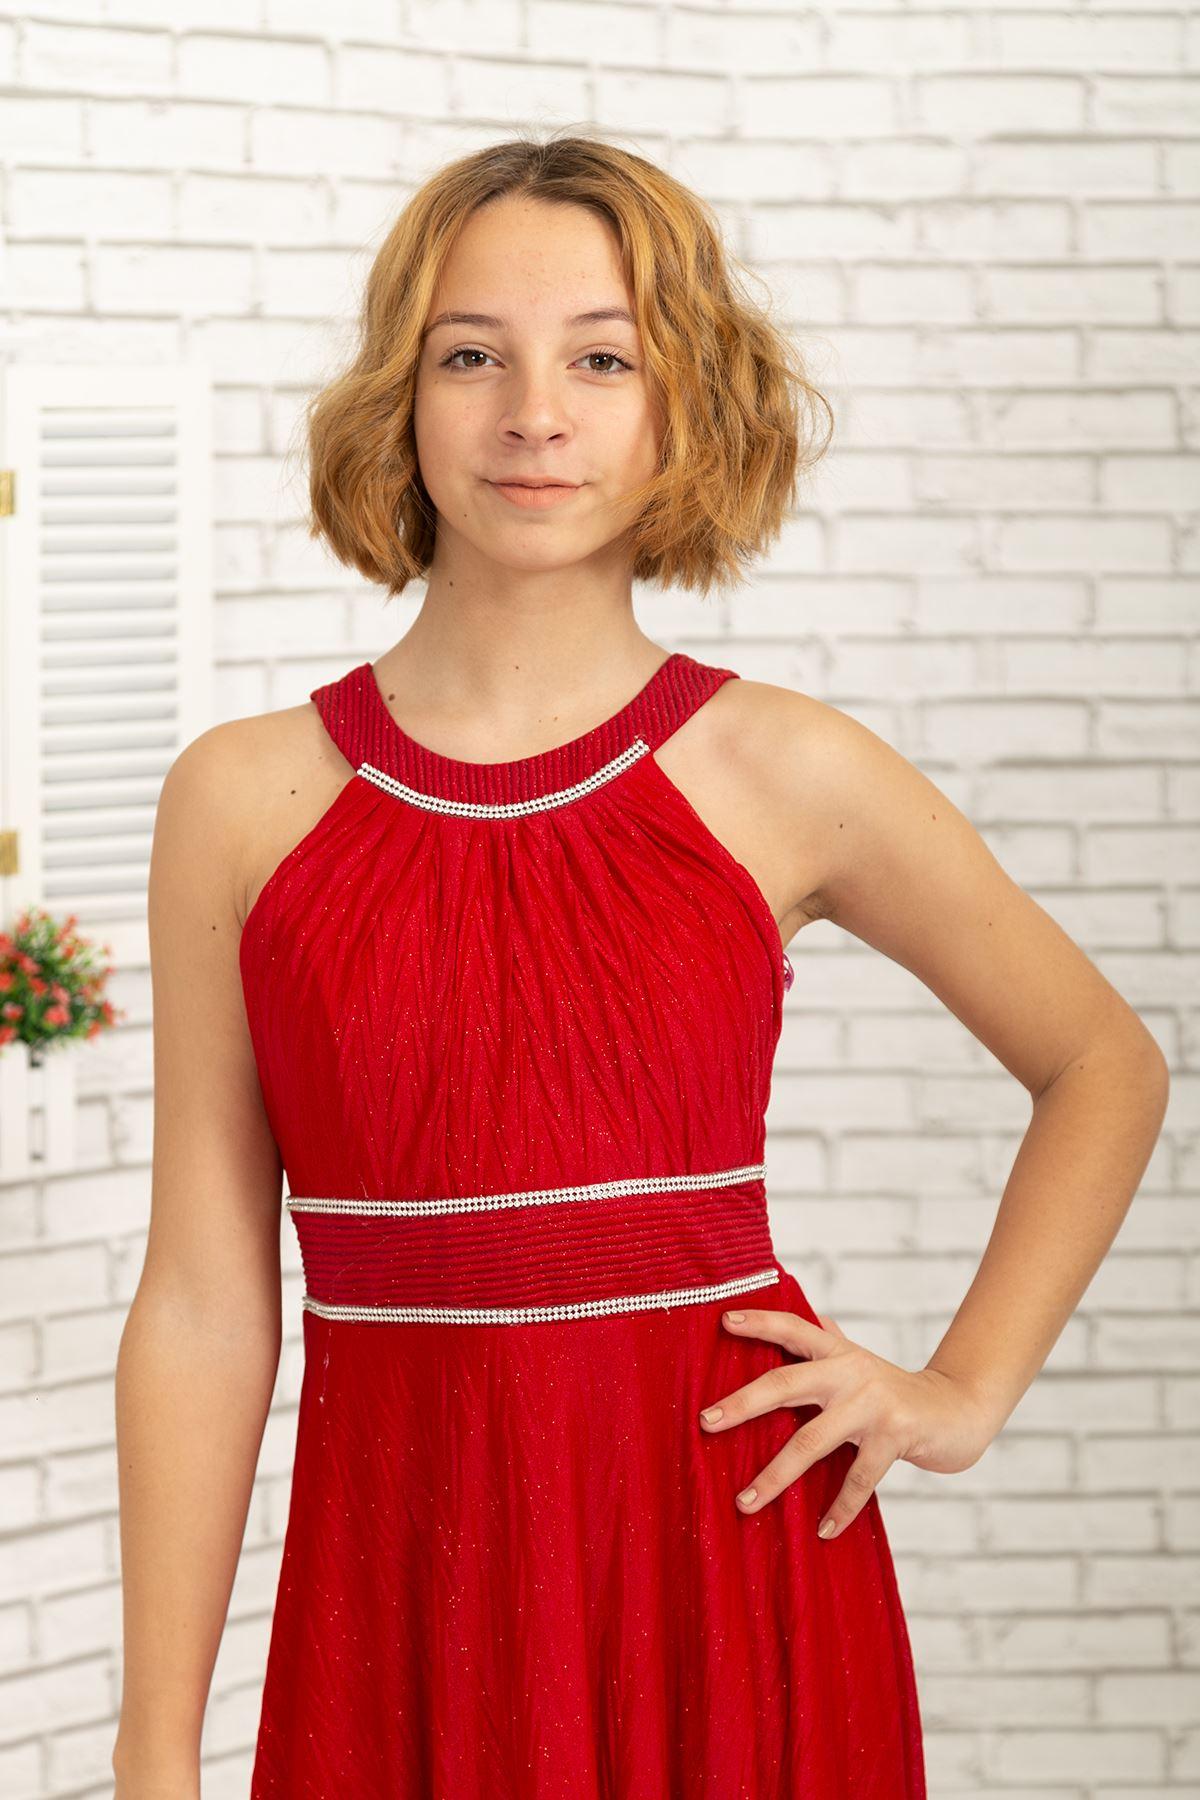 ウエストとネック石詳細、ジグザグ銀色シフォン女の子のイブニングドレス468赤